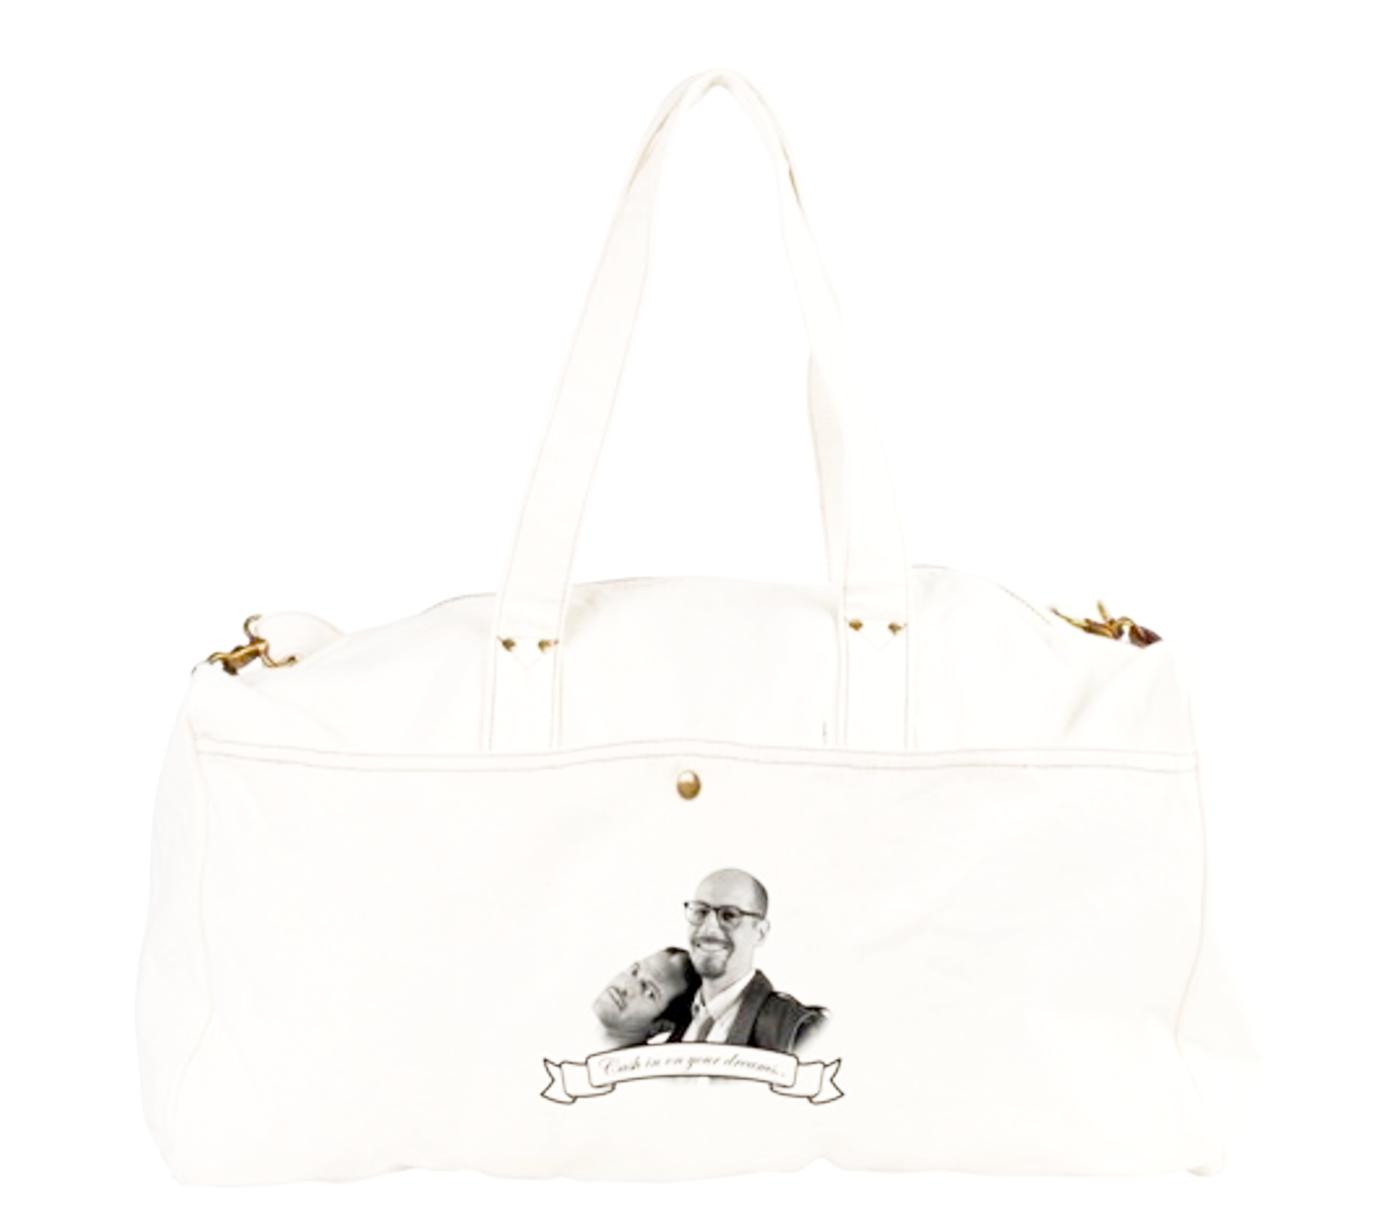 Duffel Bag - £15